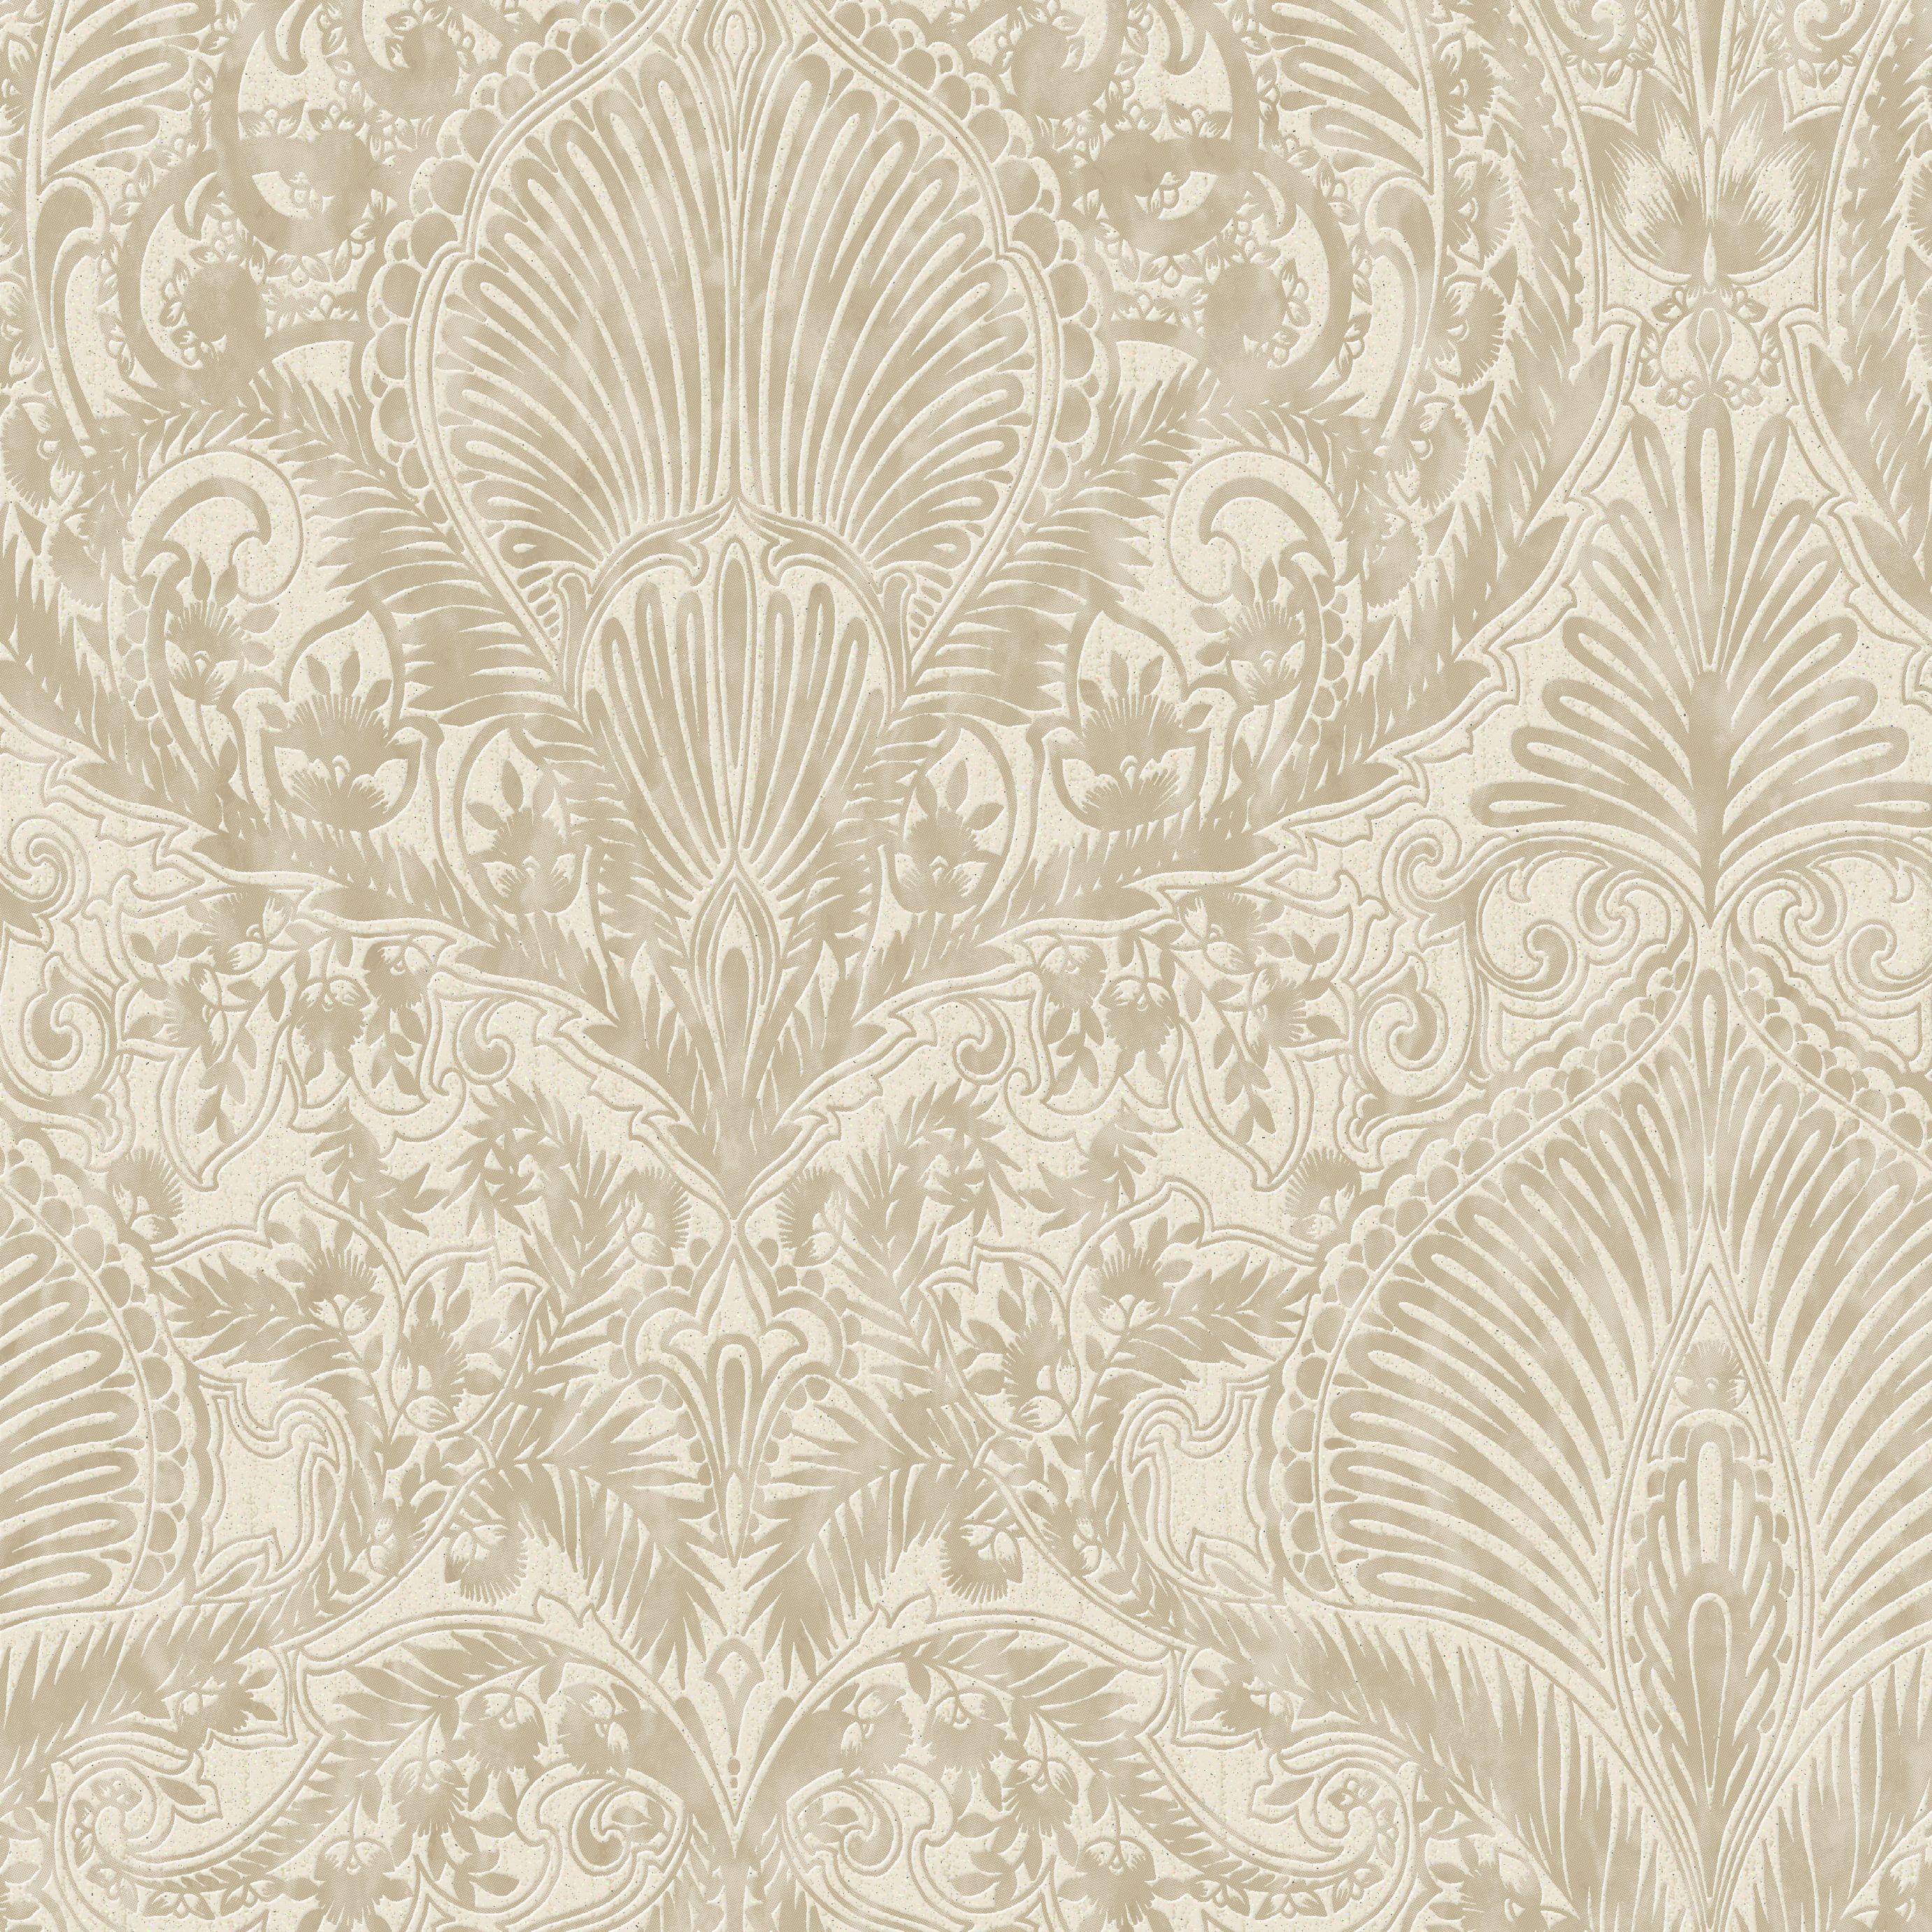 Graham Brown Julien Macdonald Cream Gold Damask Wallpaper